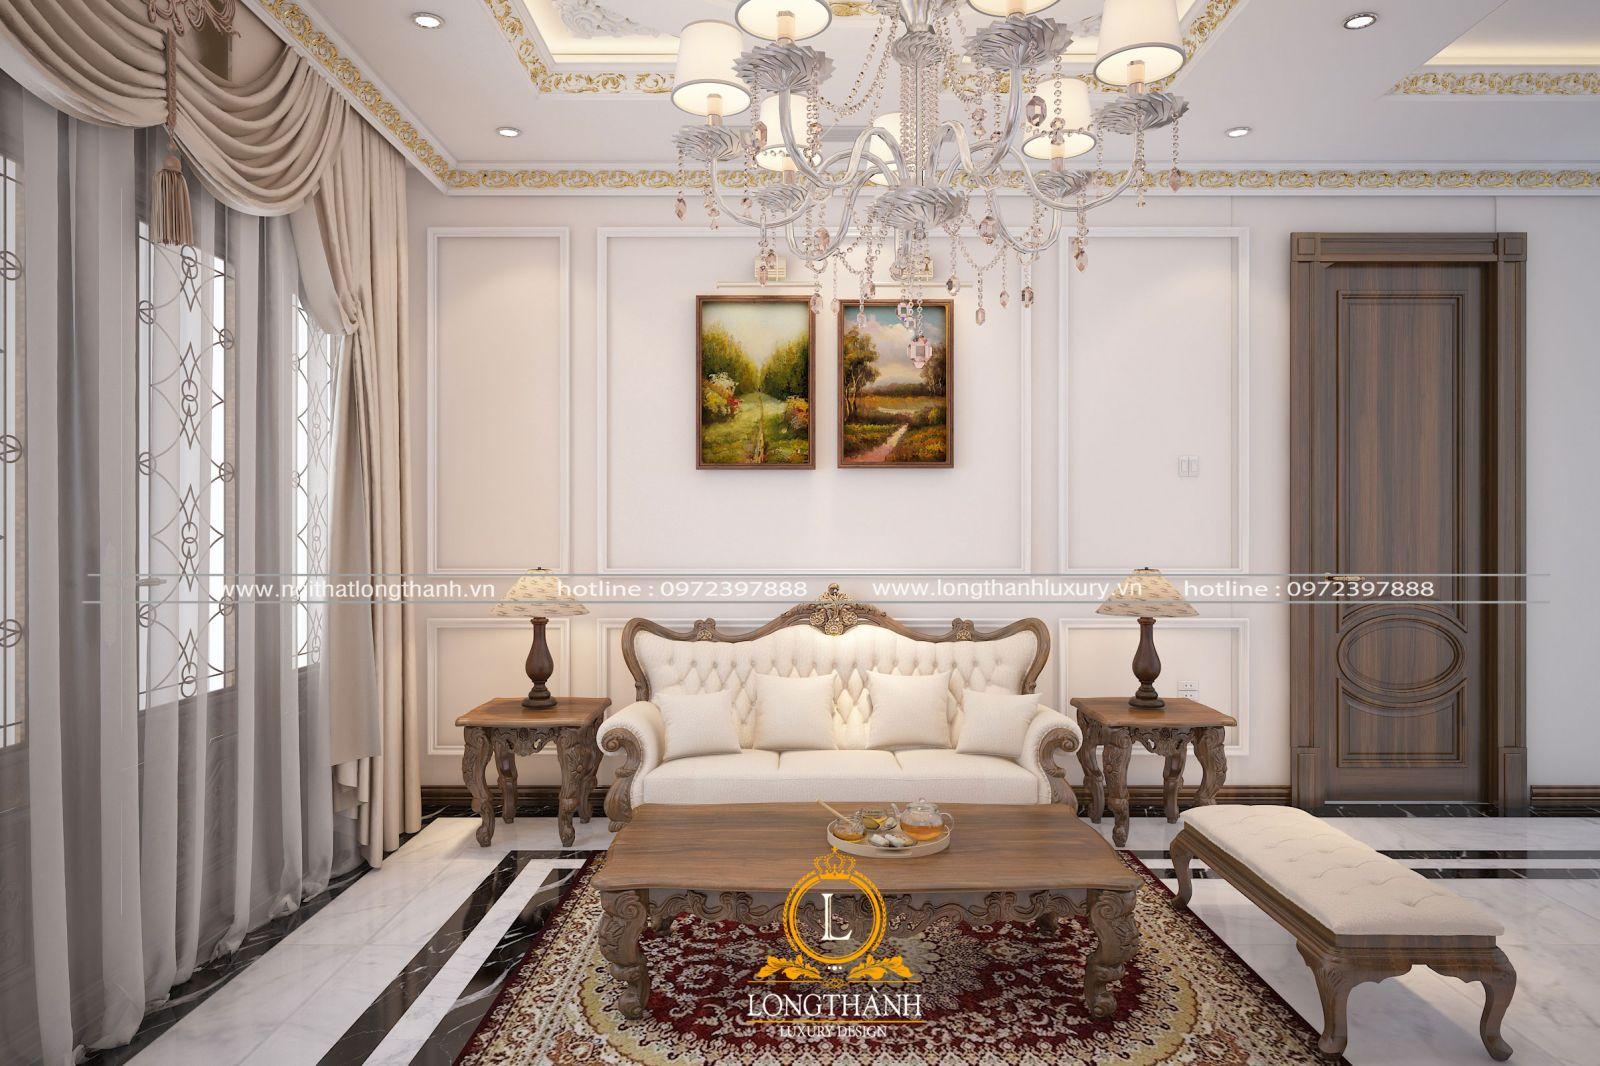 Mẫu phòng khách tân cổ điển tinh tế, nhẹ nhàng